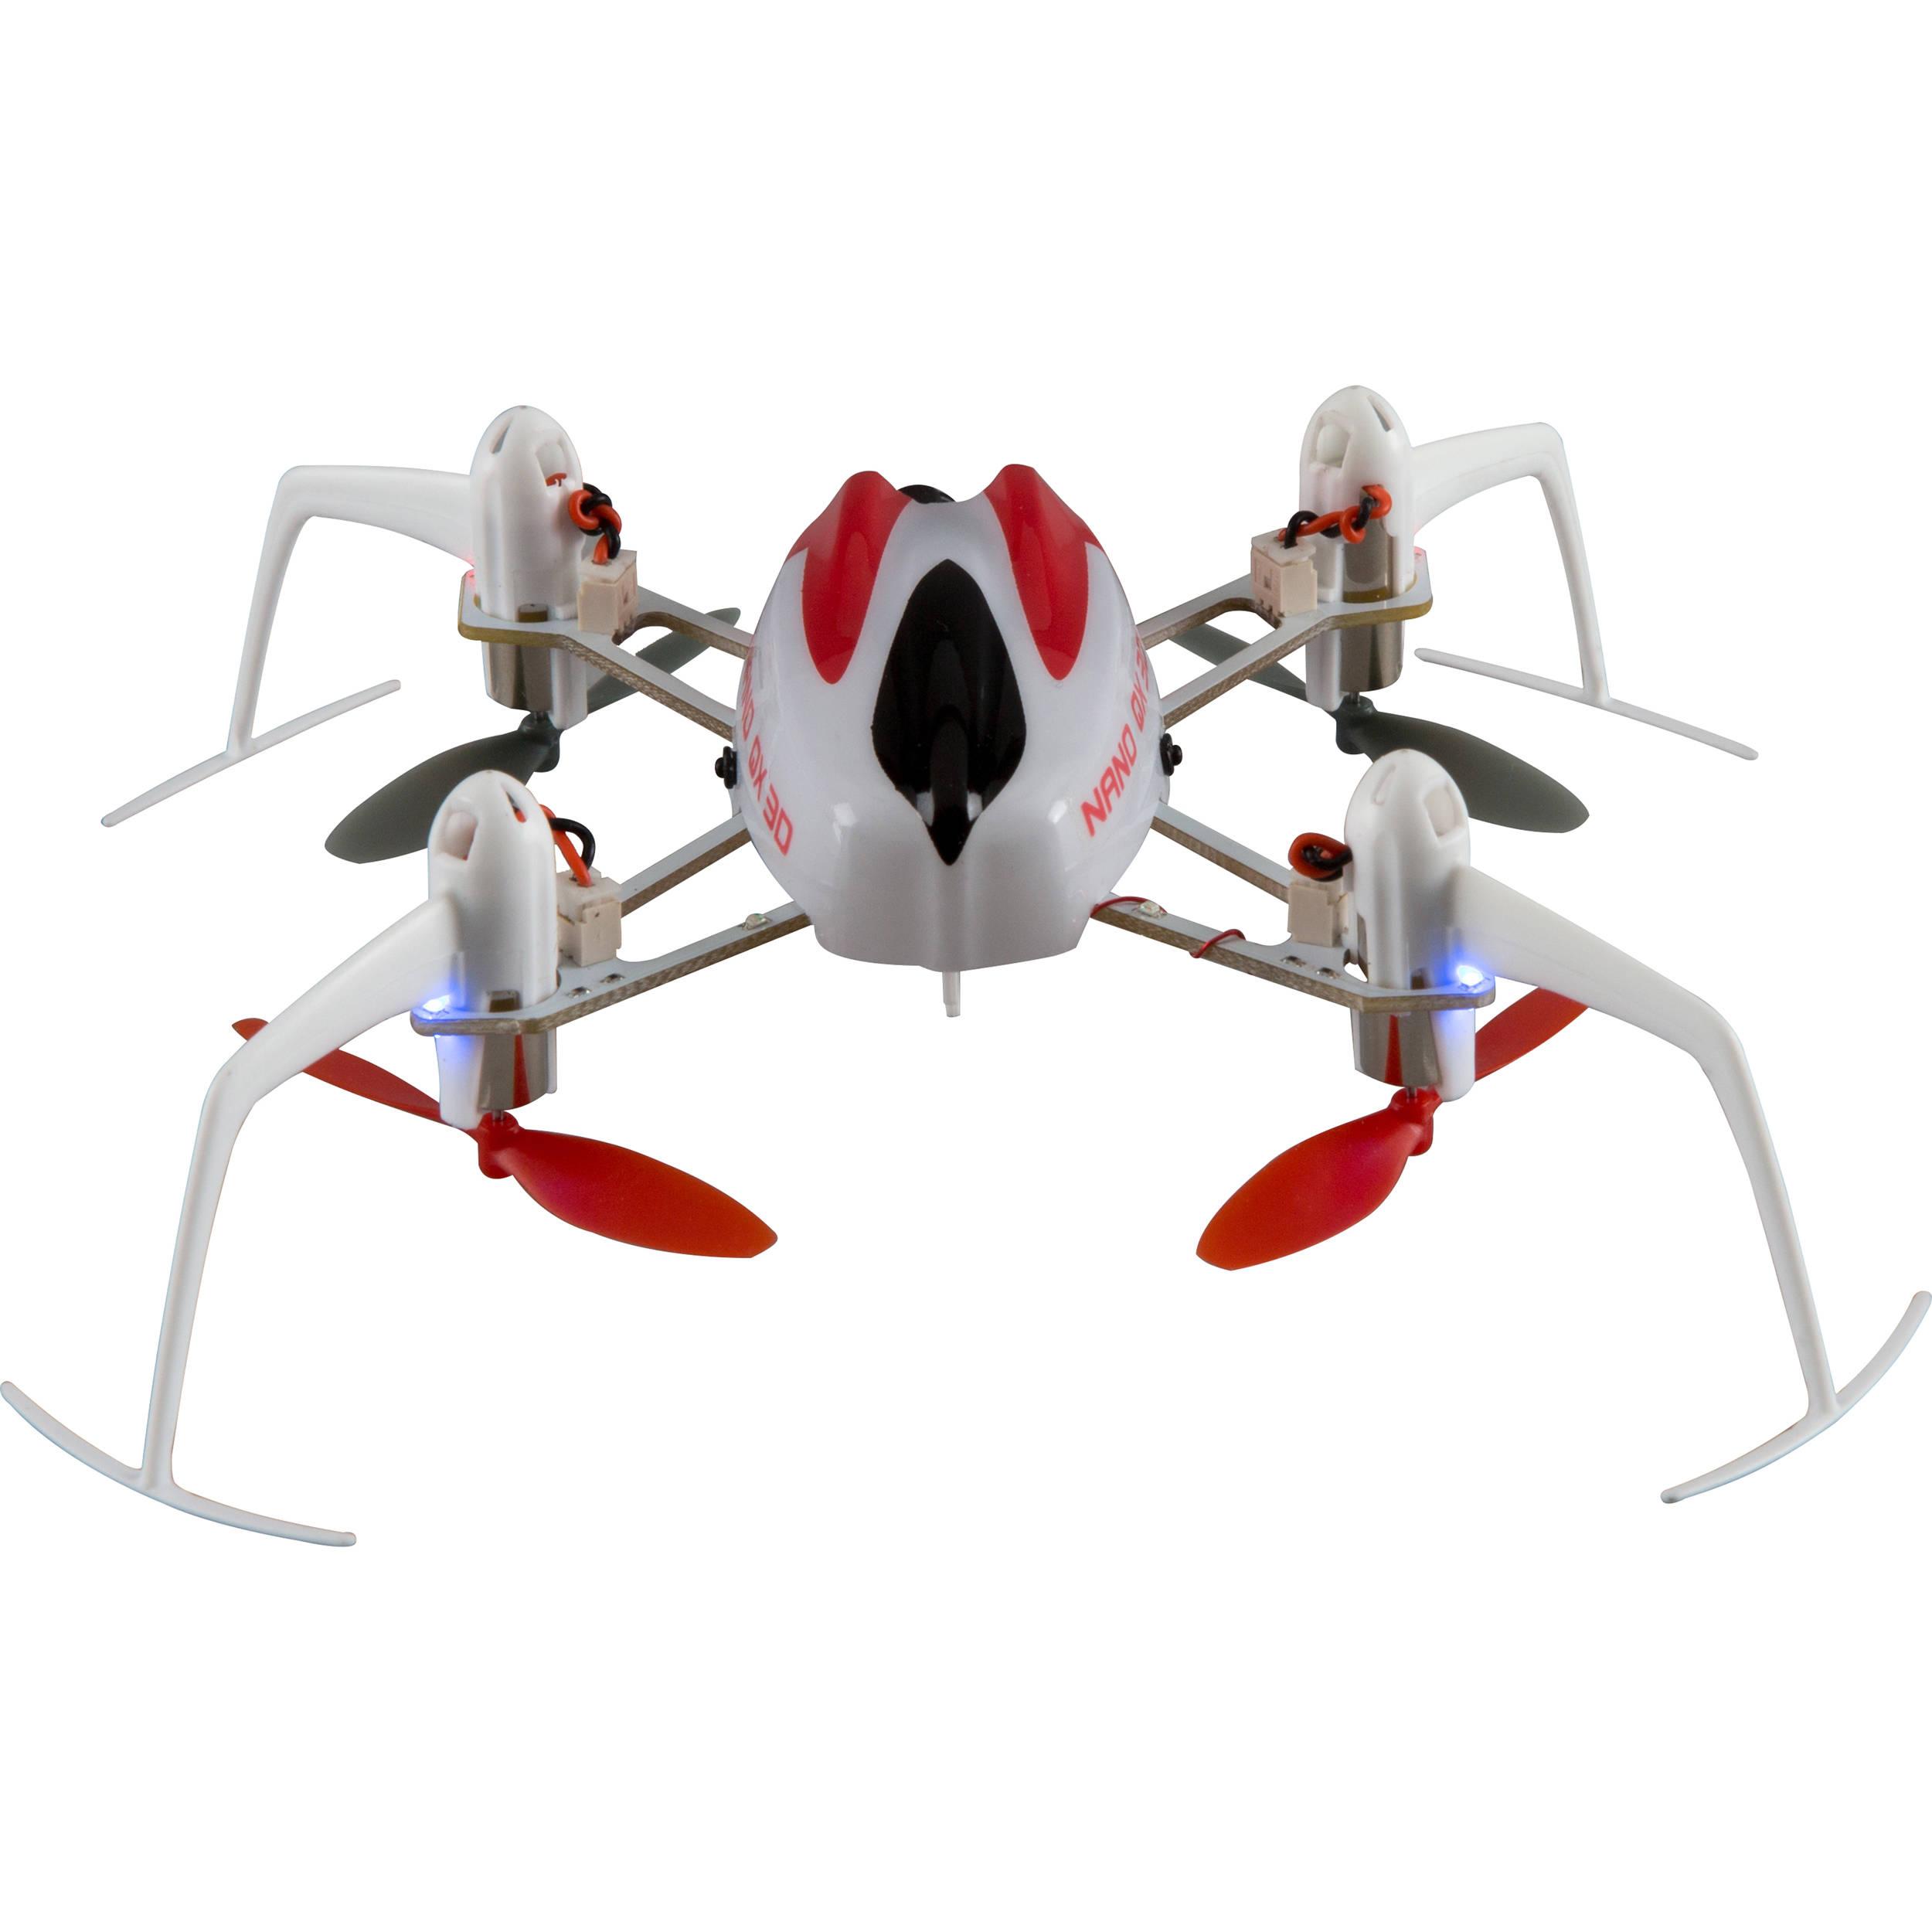 BLADE Nano QX 3D RTF Quadcopter with SAFE Technology